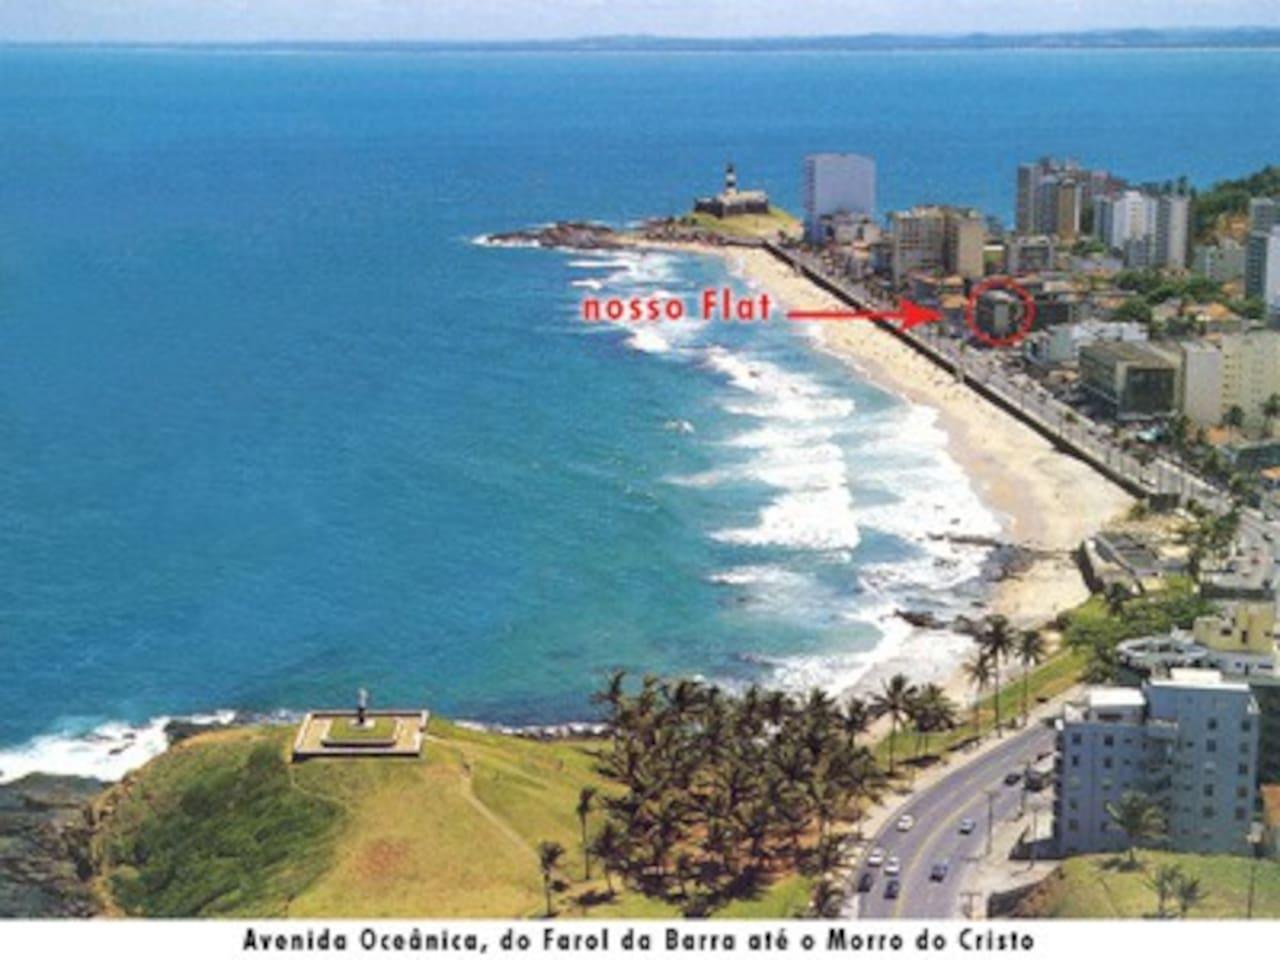 Avenida Oceânica, 409 - Praia do Farol da Barra